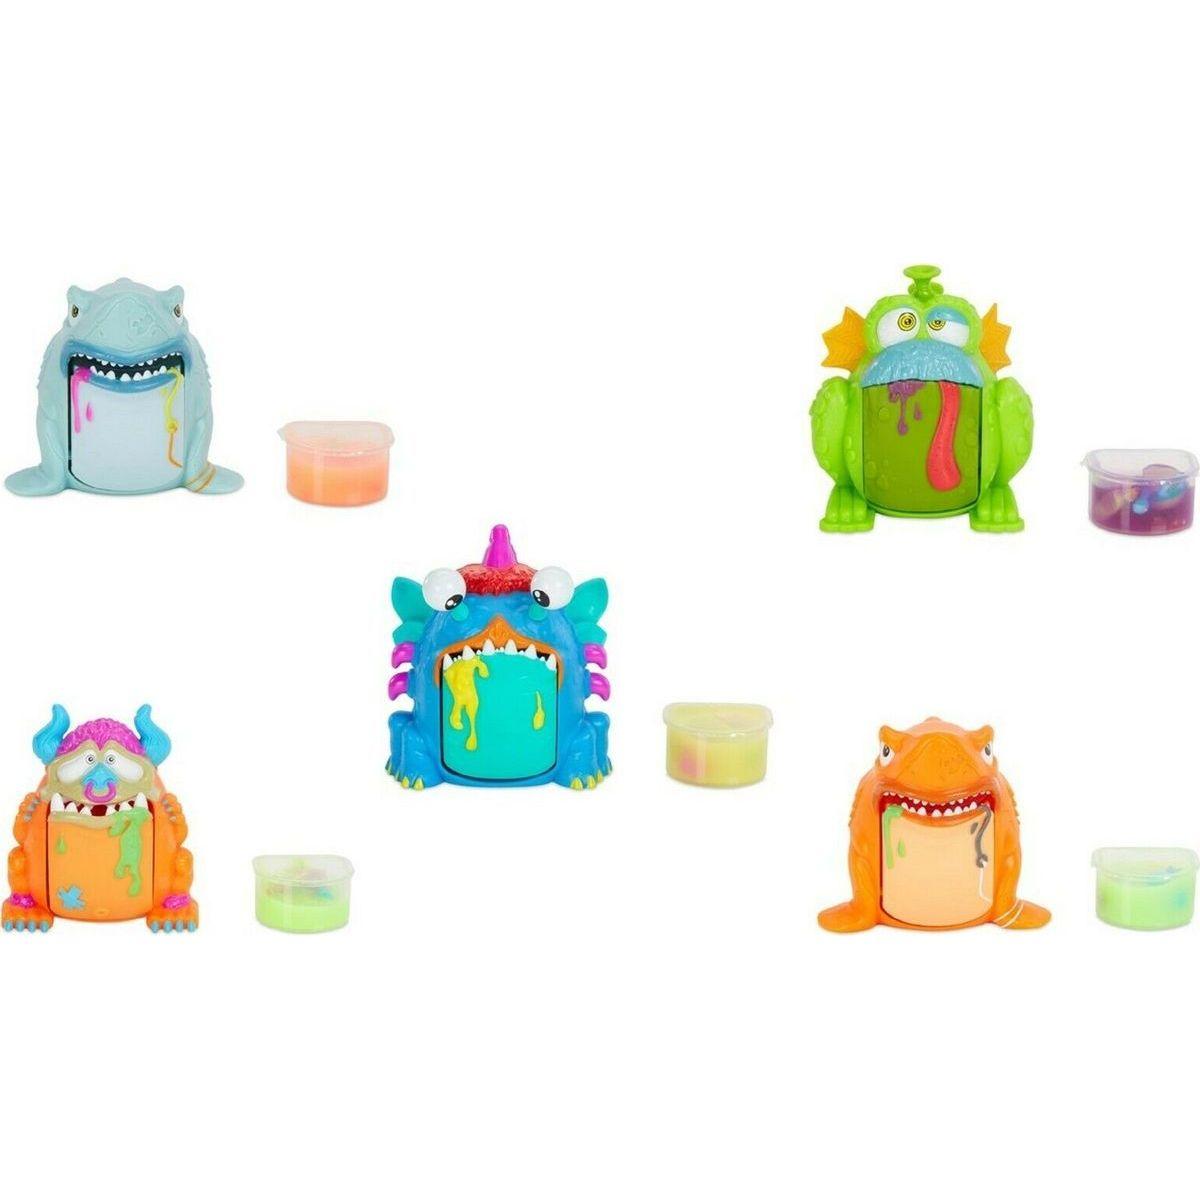 Crate Creatures Příšerka Barf Buddies - zelený Gulp